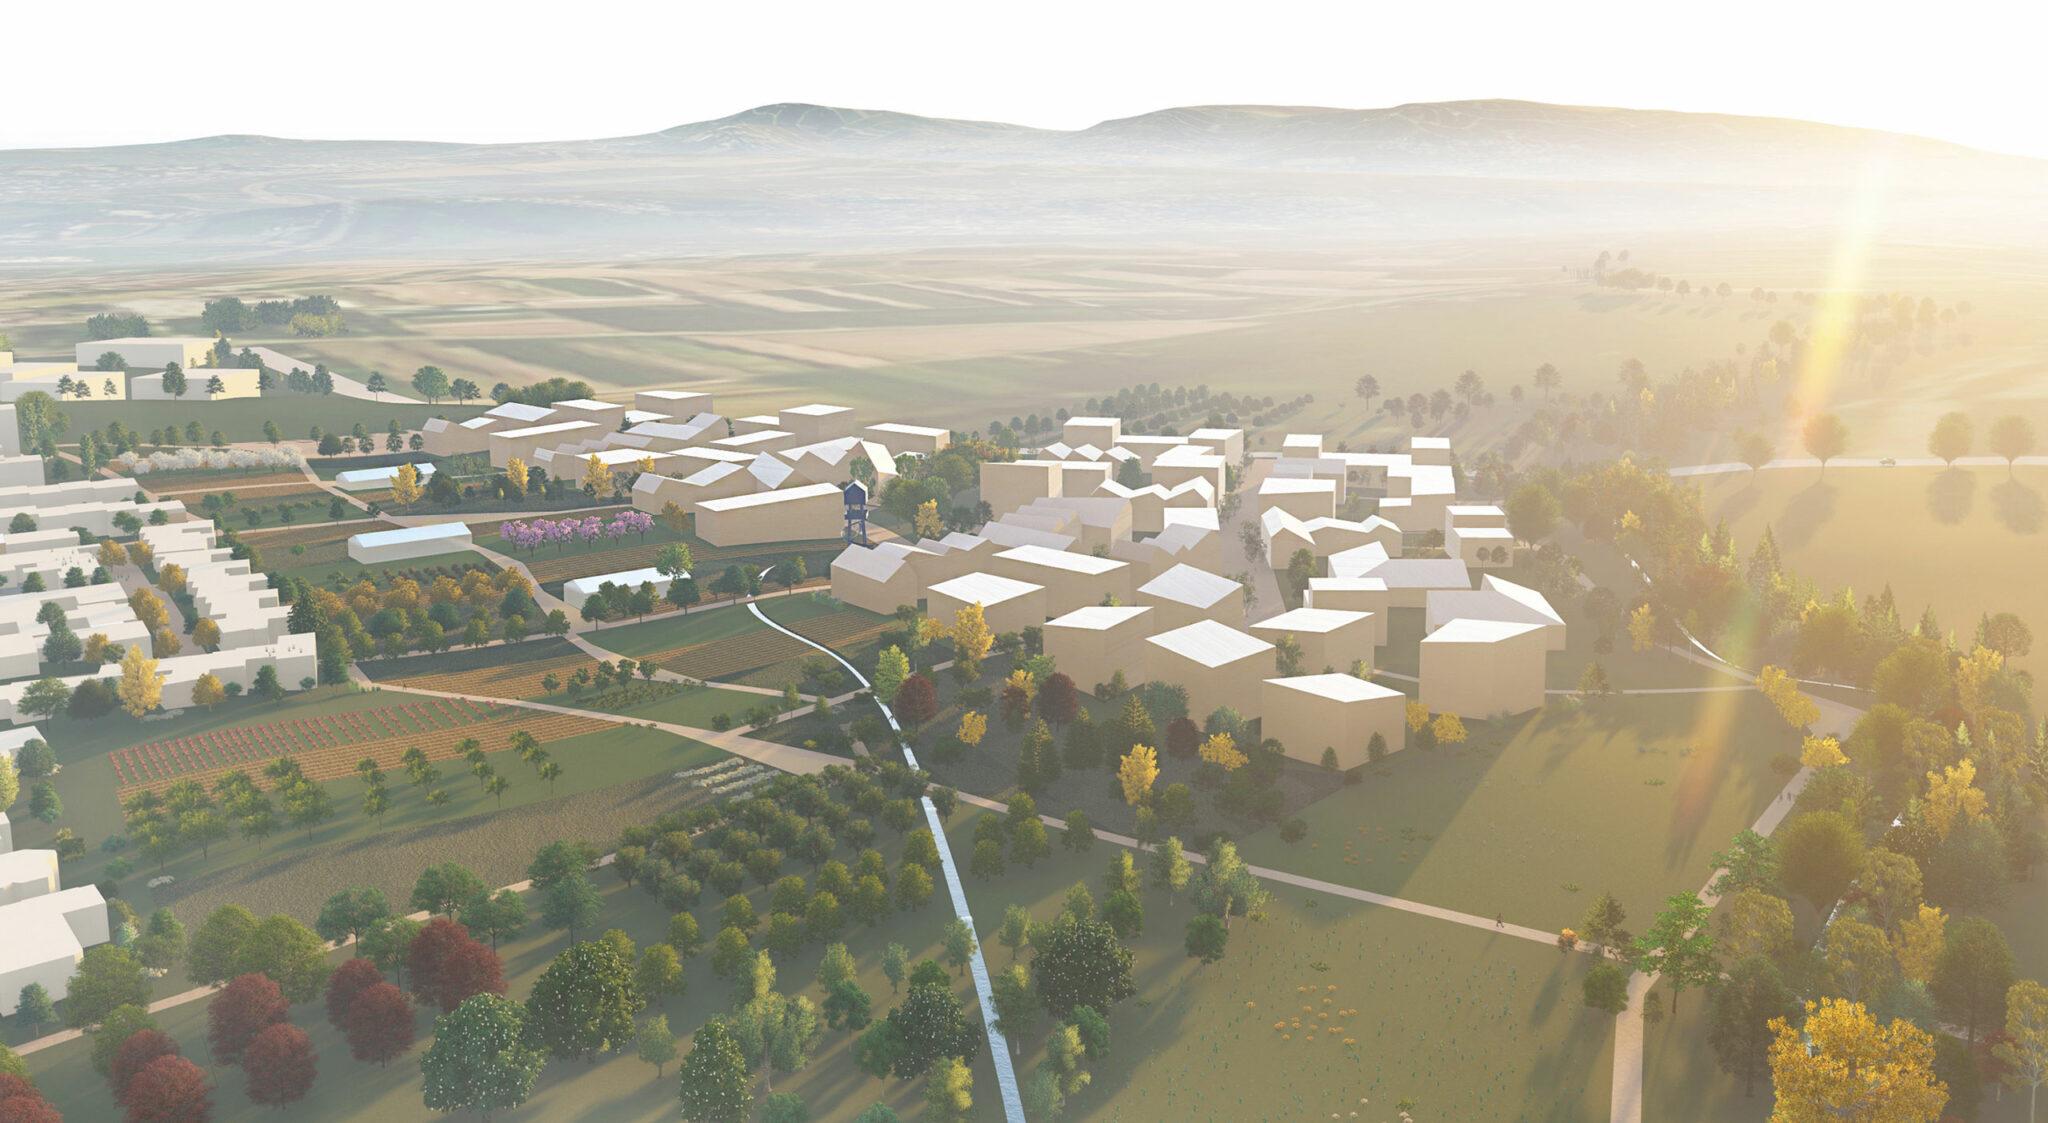 Städtebau-Entwurf zum IBA'27-Projekt Hangweide (Bild/Entwurf: UTA Architekten und Stadtplaner / SIMA | BREER Landschaftsarchitektur)